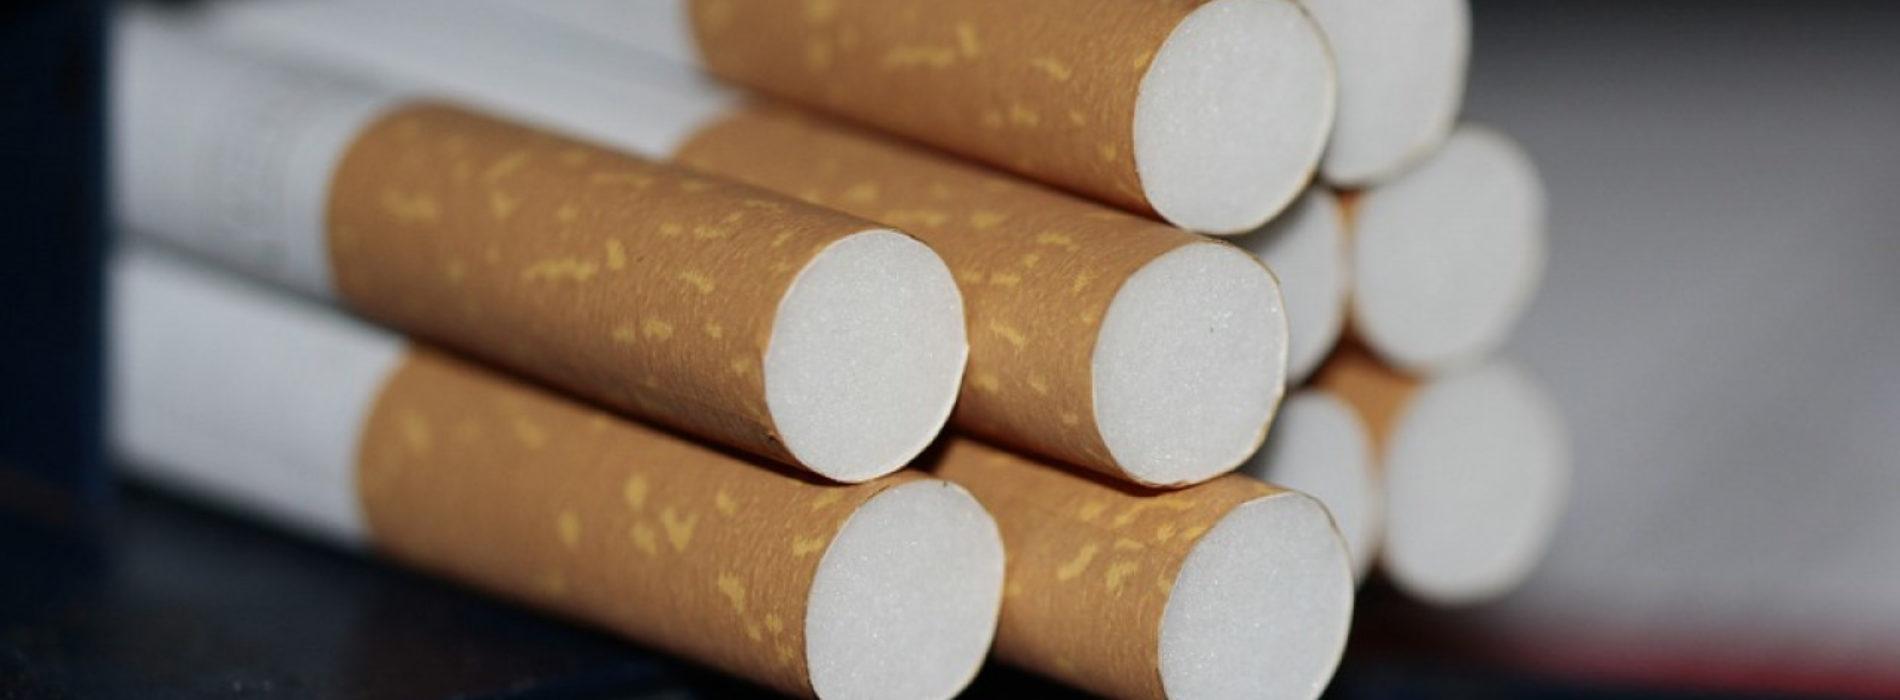 1 408 блоков контрабандных сигарет задержали на Хоргосе